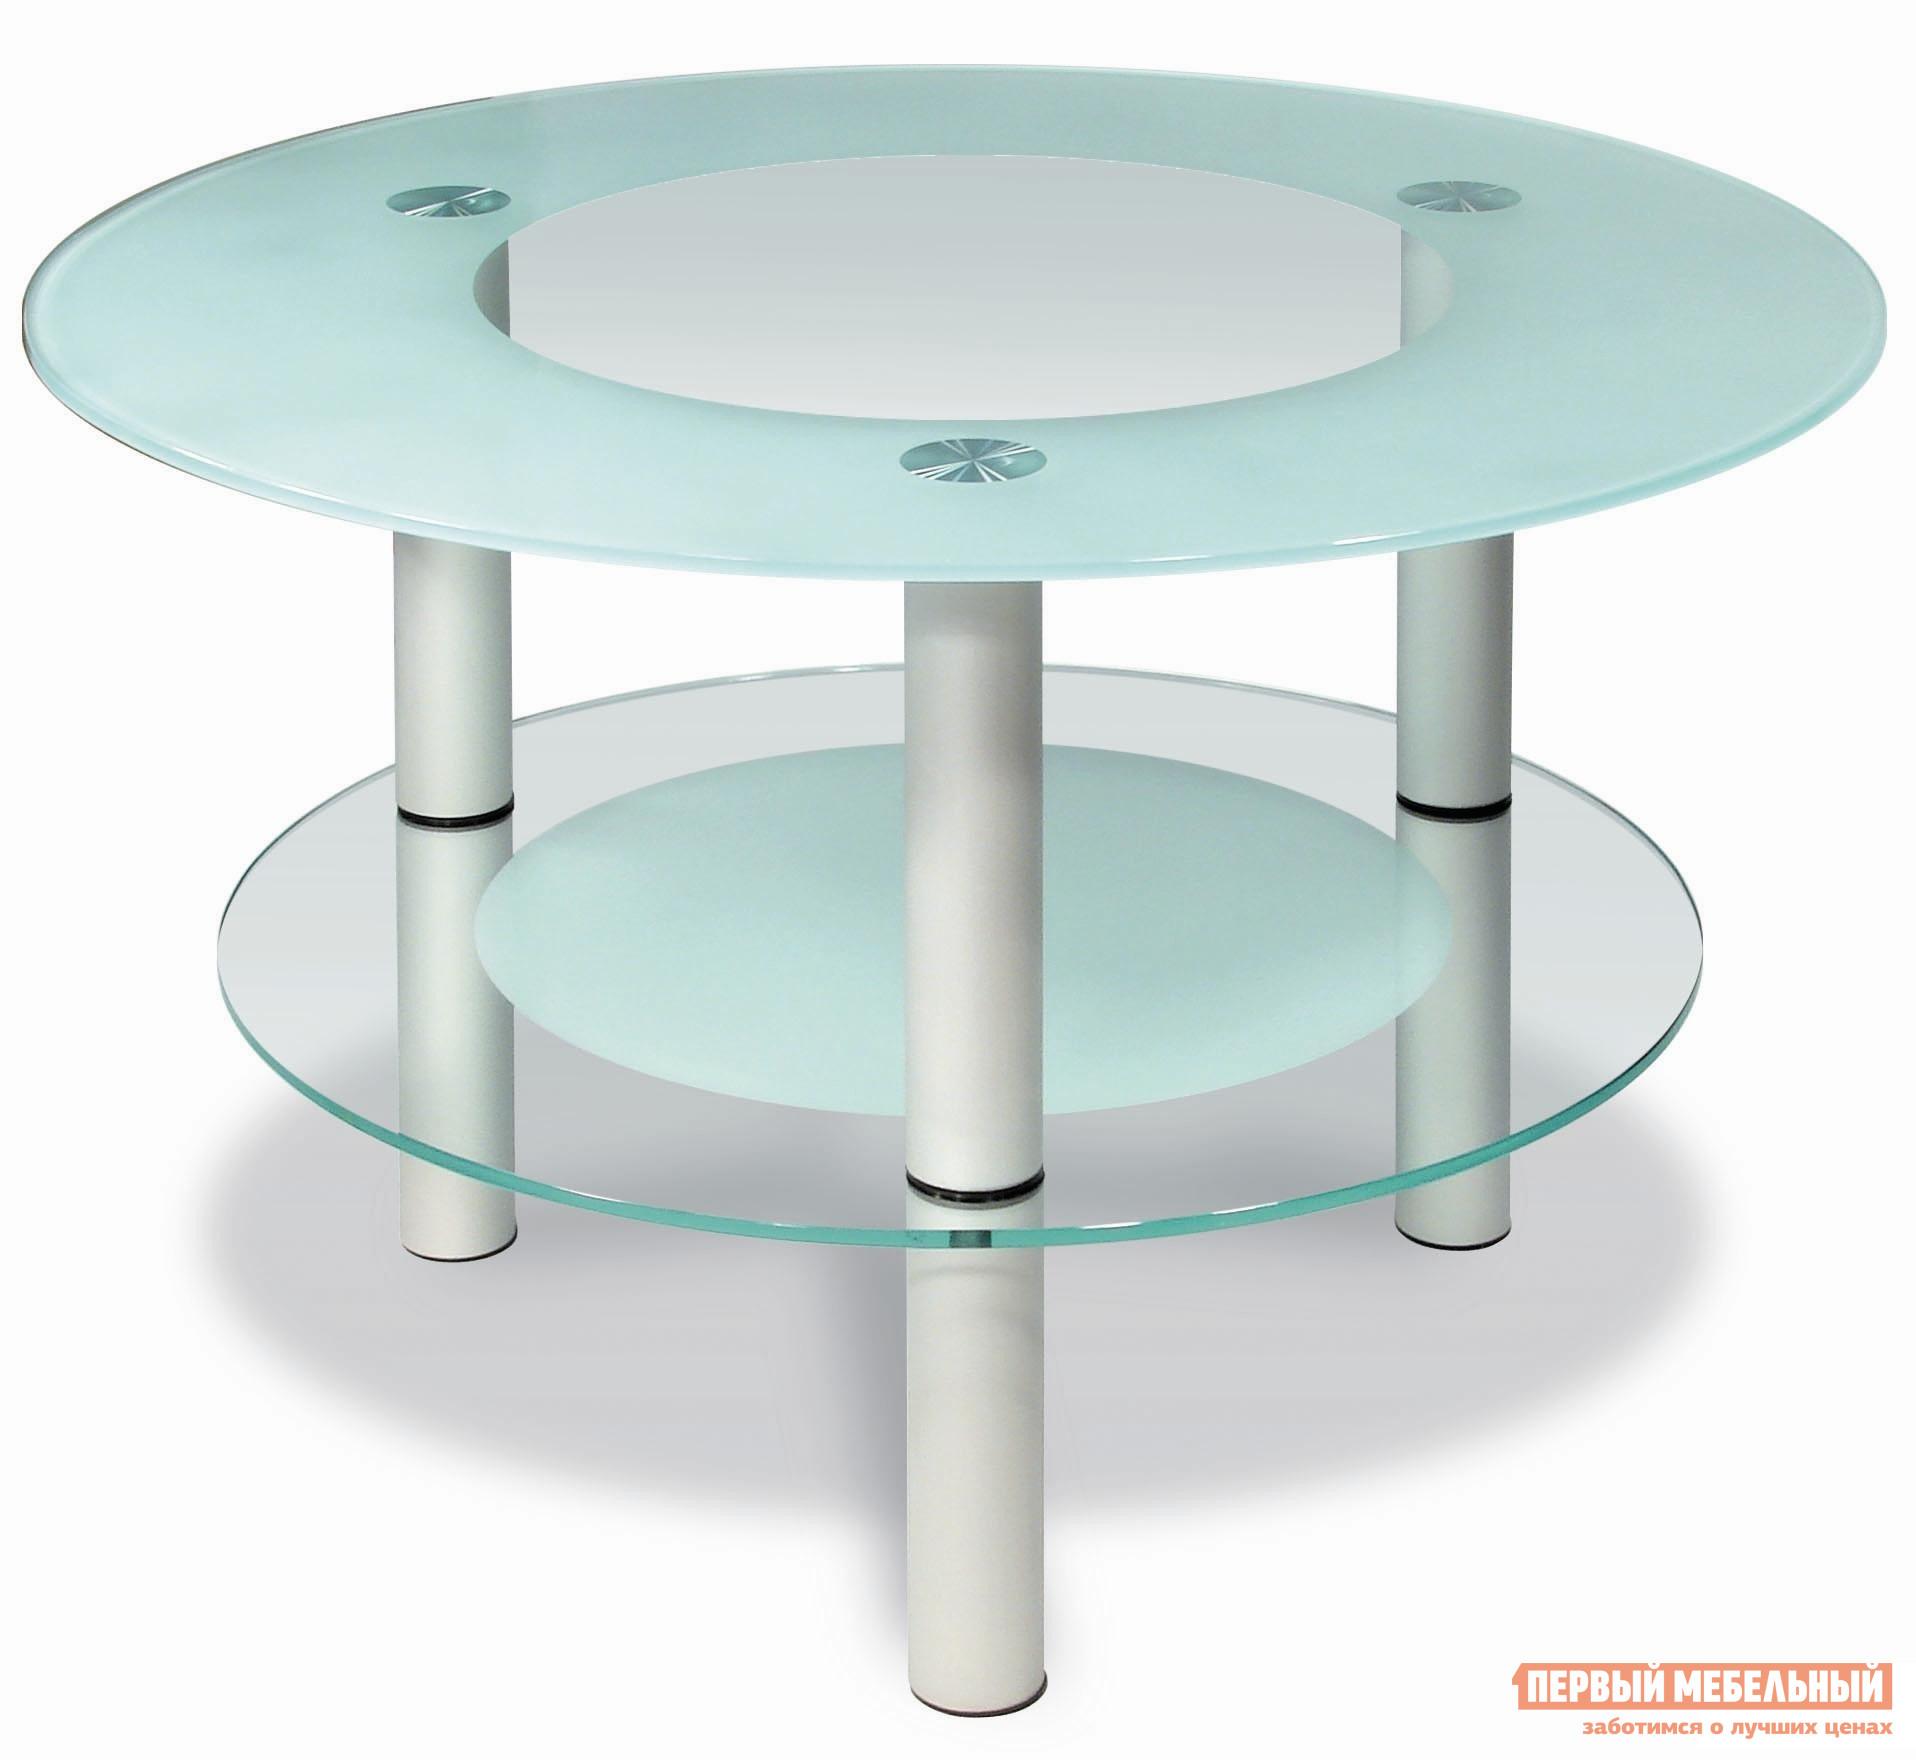 купить Журнальный столик Мебелик Кристалл 3 журнальный стол по цене 10030 рублей